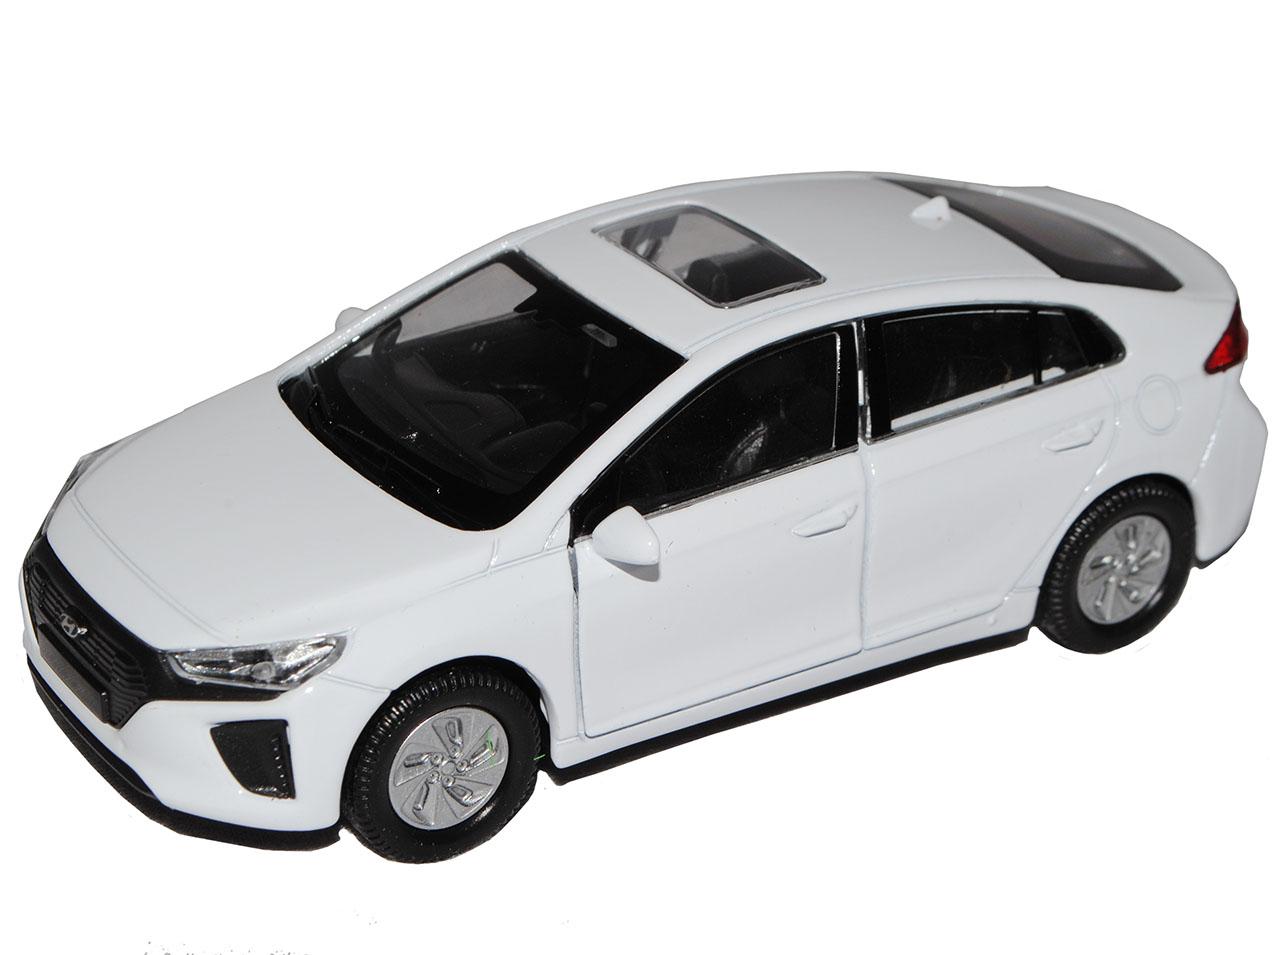 Hyundai-Ioniq-sedan-blanco-de-welly-2016-ca-1-43-1-36-1-46-modelo-de-coche-con miniatura 7